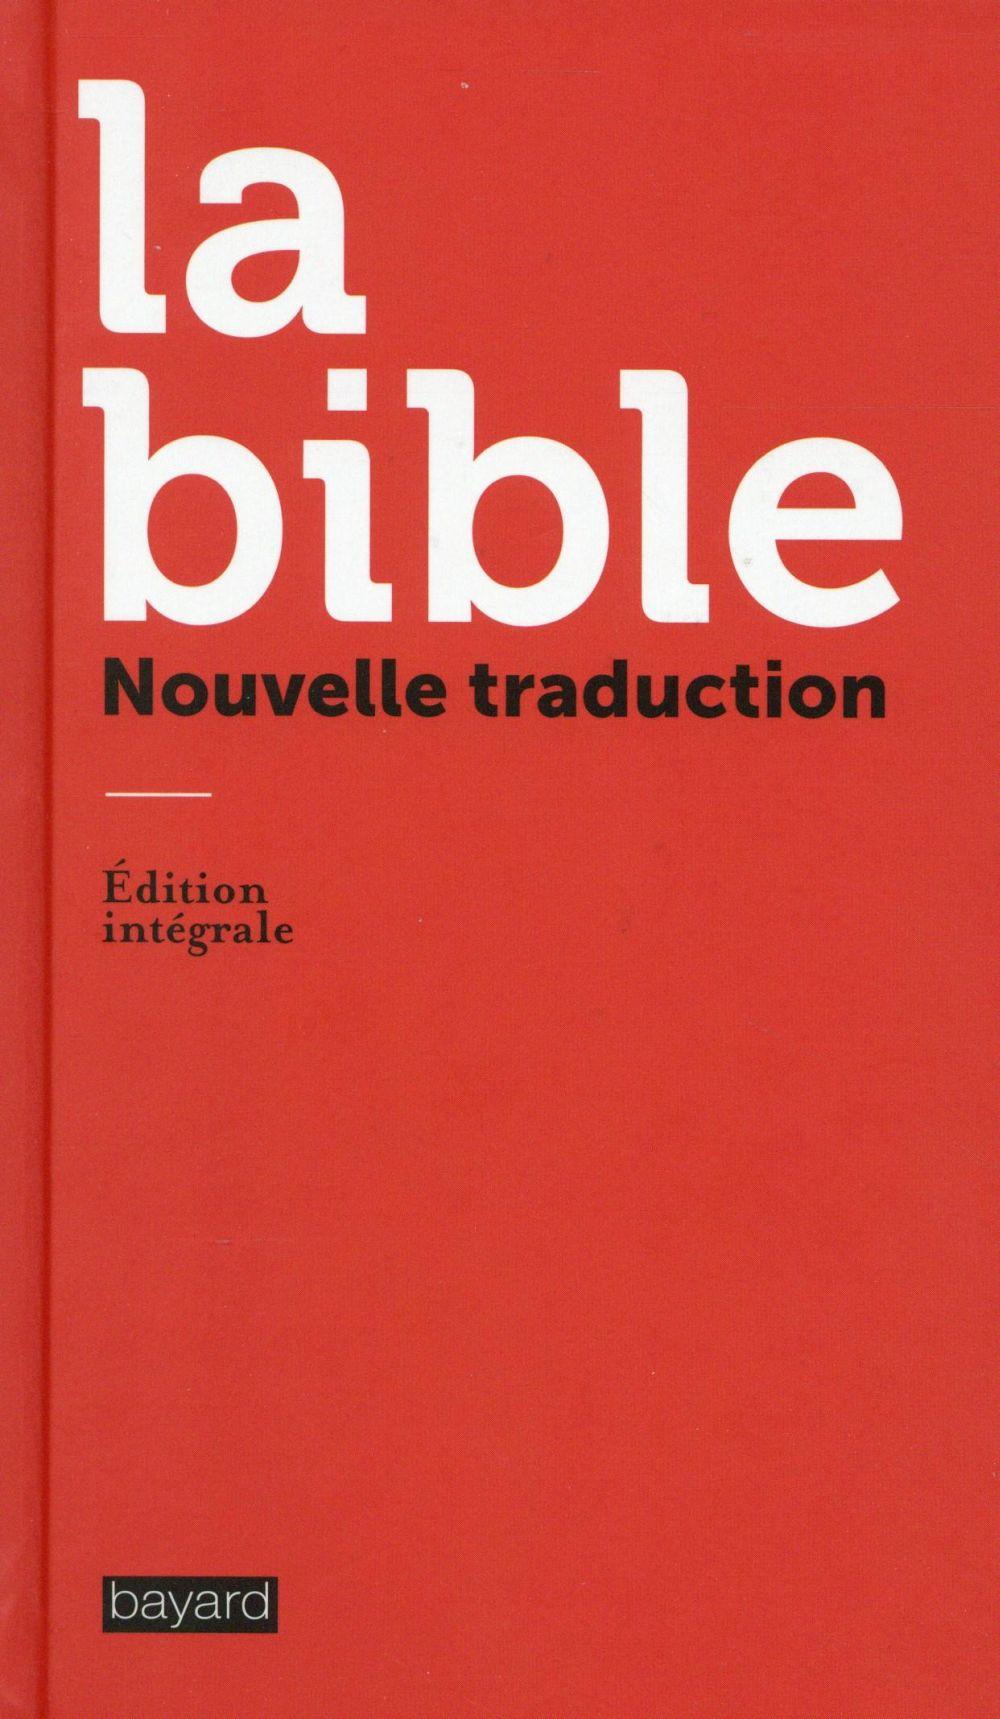 LA BIBLE, NOUVELLE TRADUCTION XXX Bayard